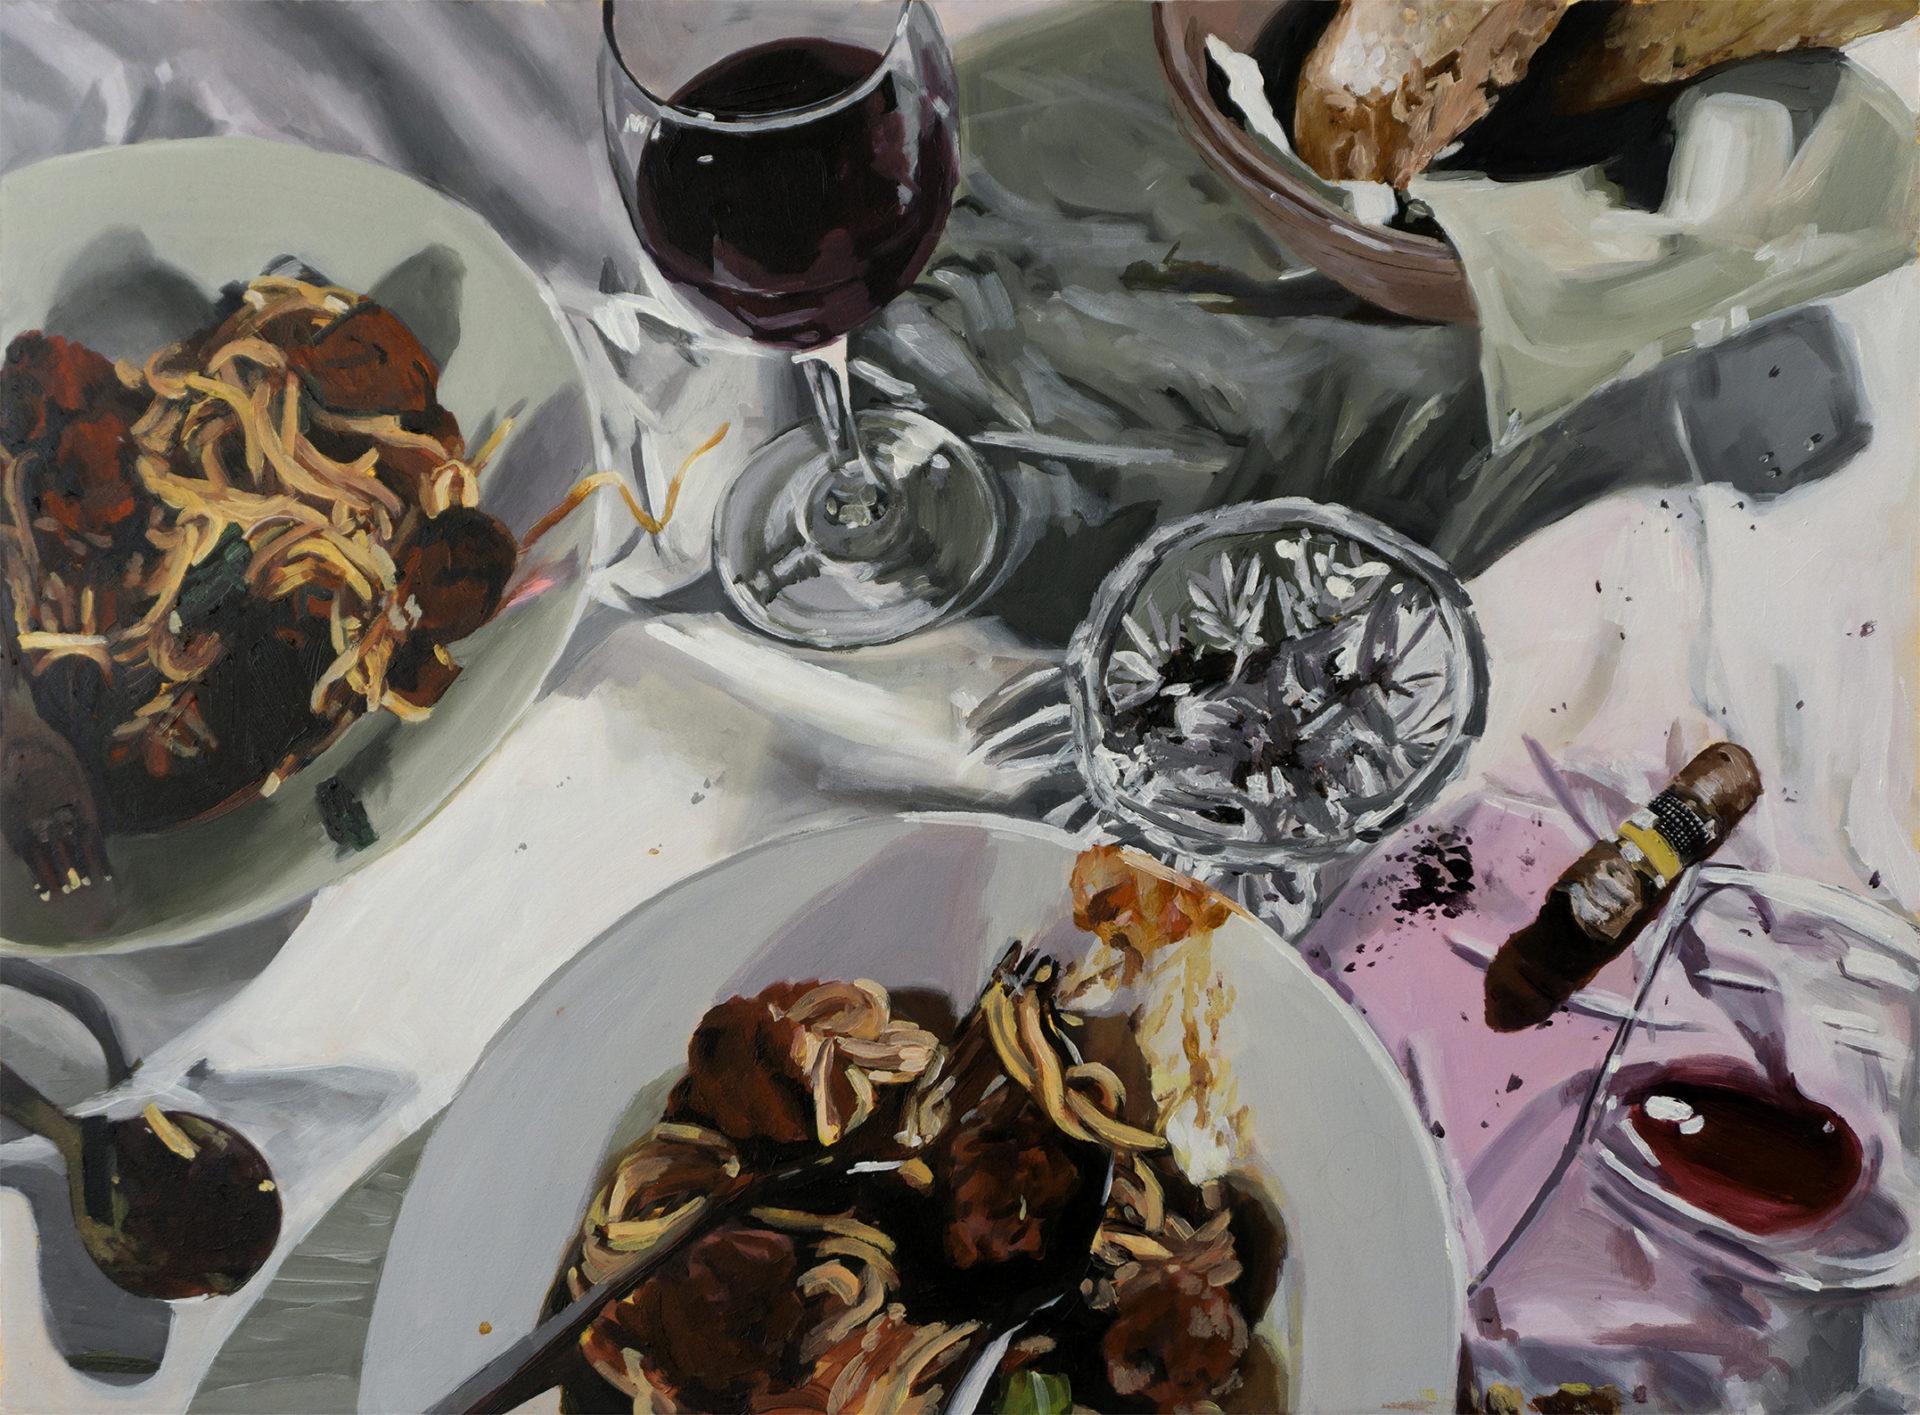 table des sopranos avec assiettes de spaghettis à la bolognaise, verres de vin rouge et cigares